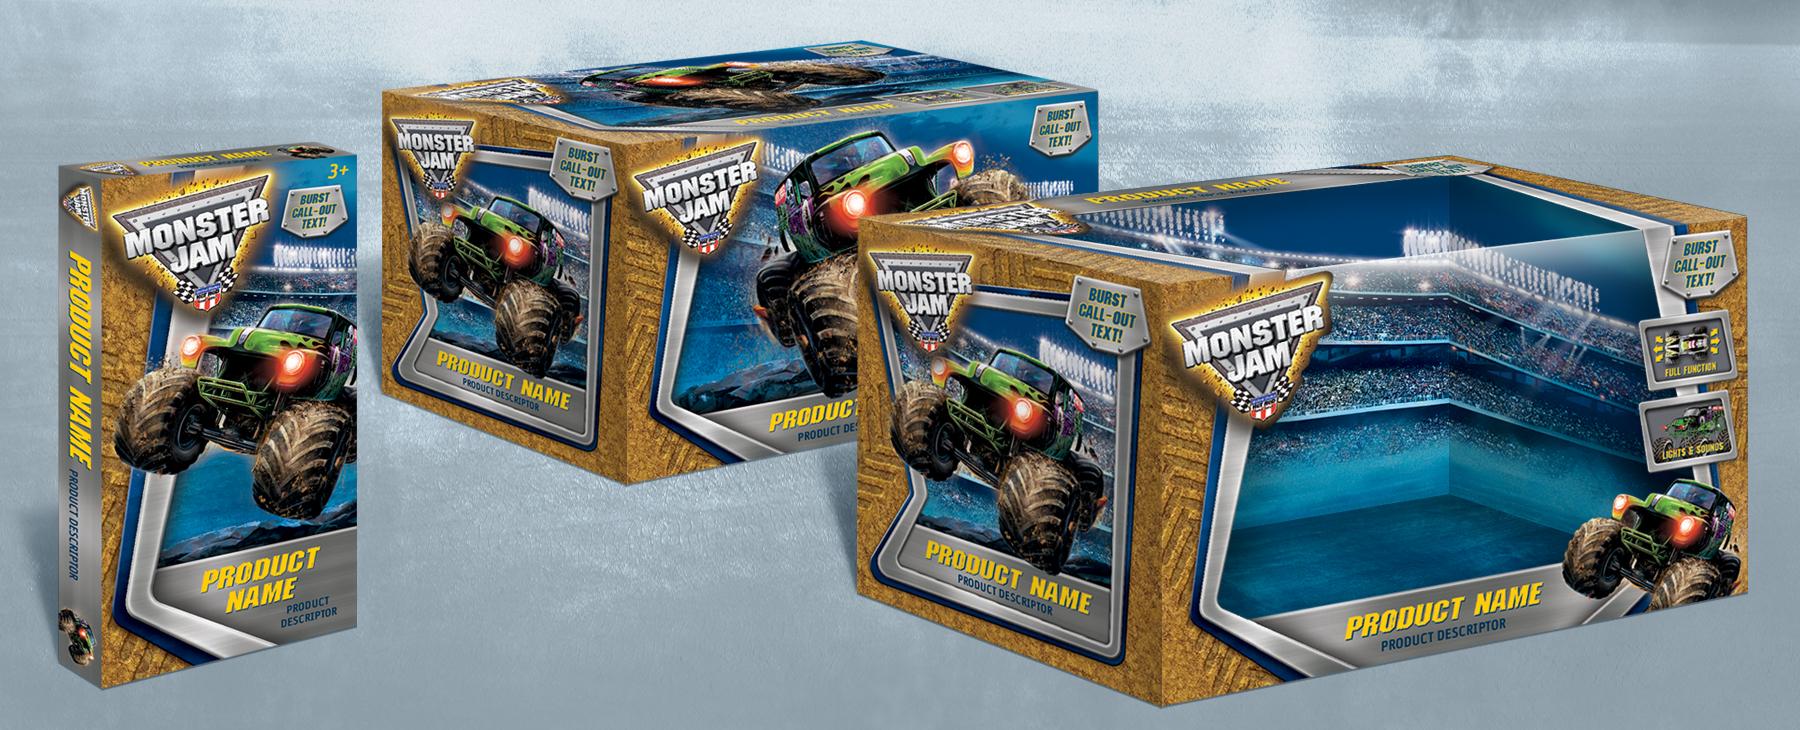 Monster Jam Packaging - Panel 2